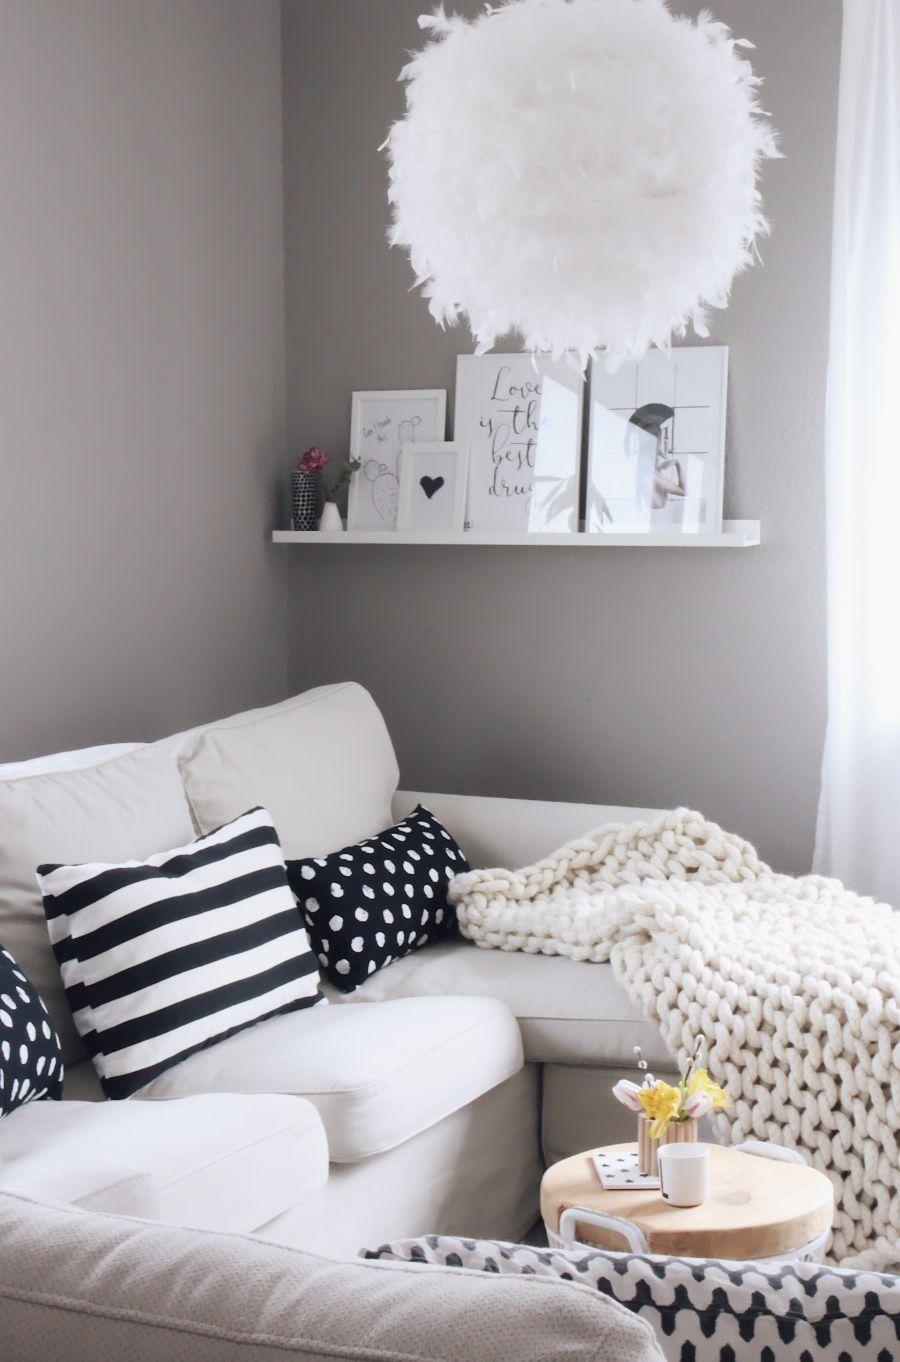 Anzeige - Wohnzimmer einrichten mit OTTO Home & Living | Pinterest ...